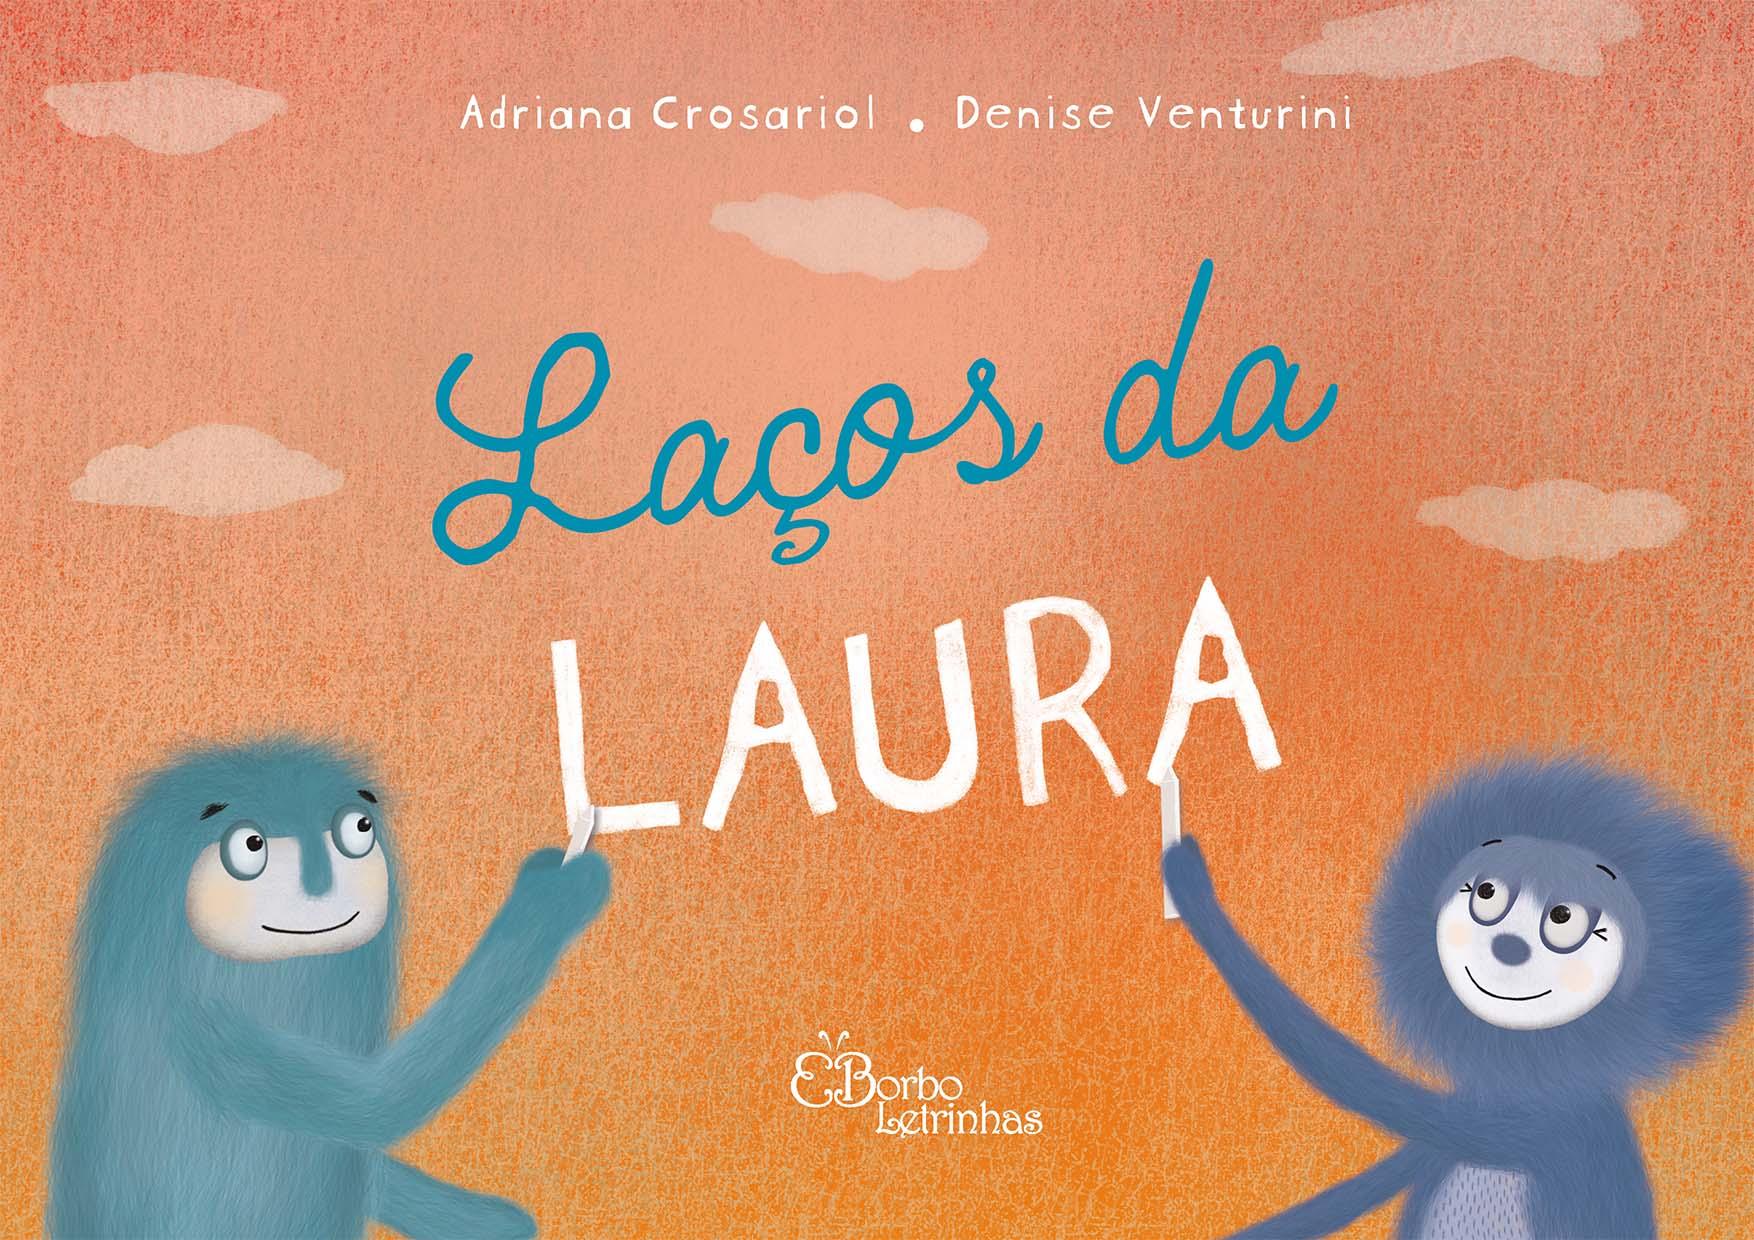 Laços da Laura